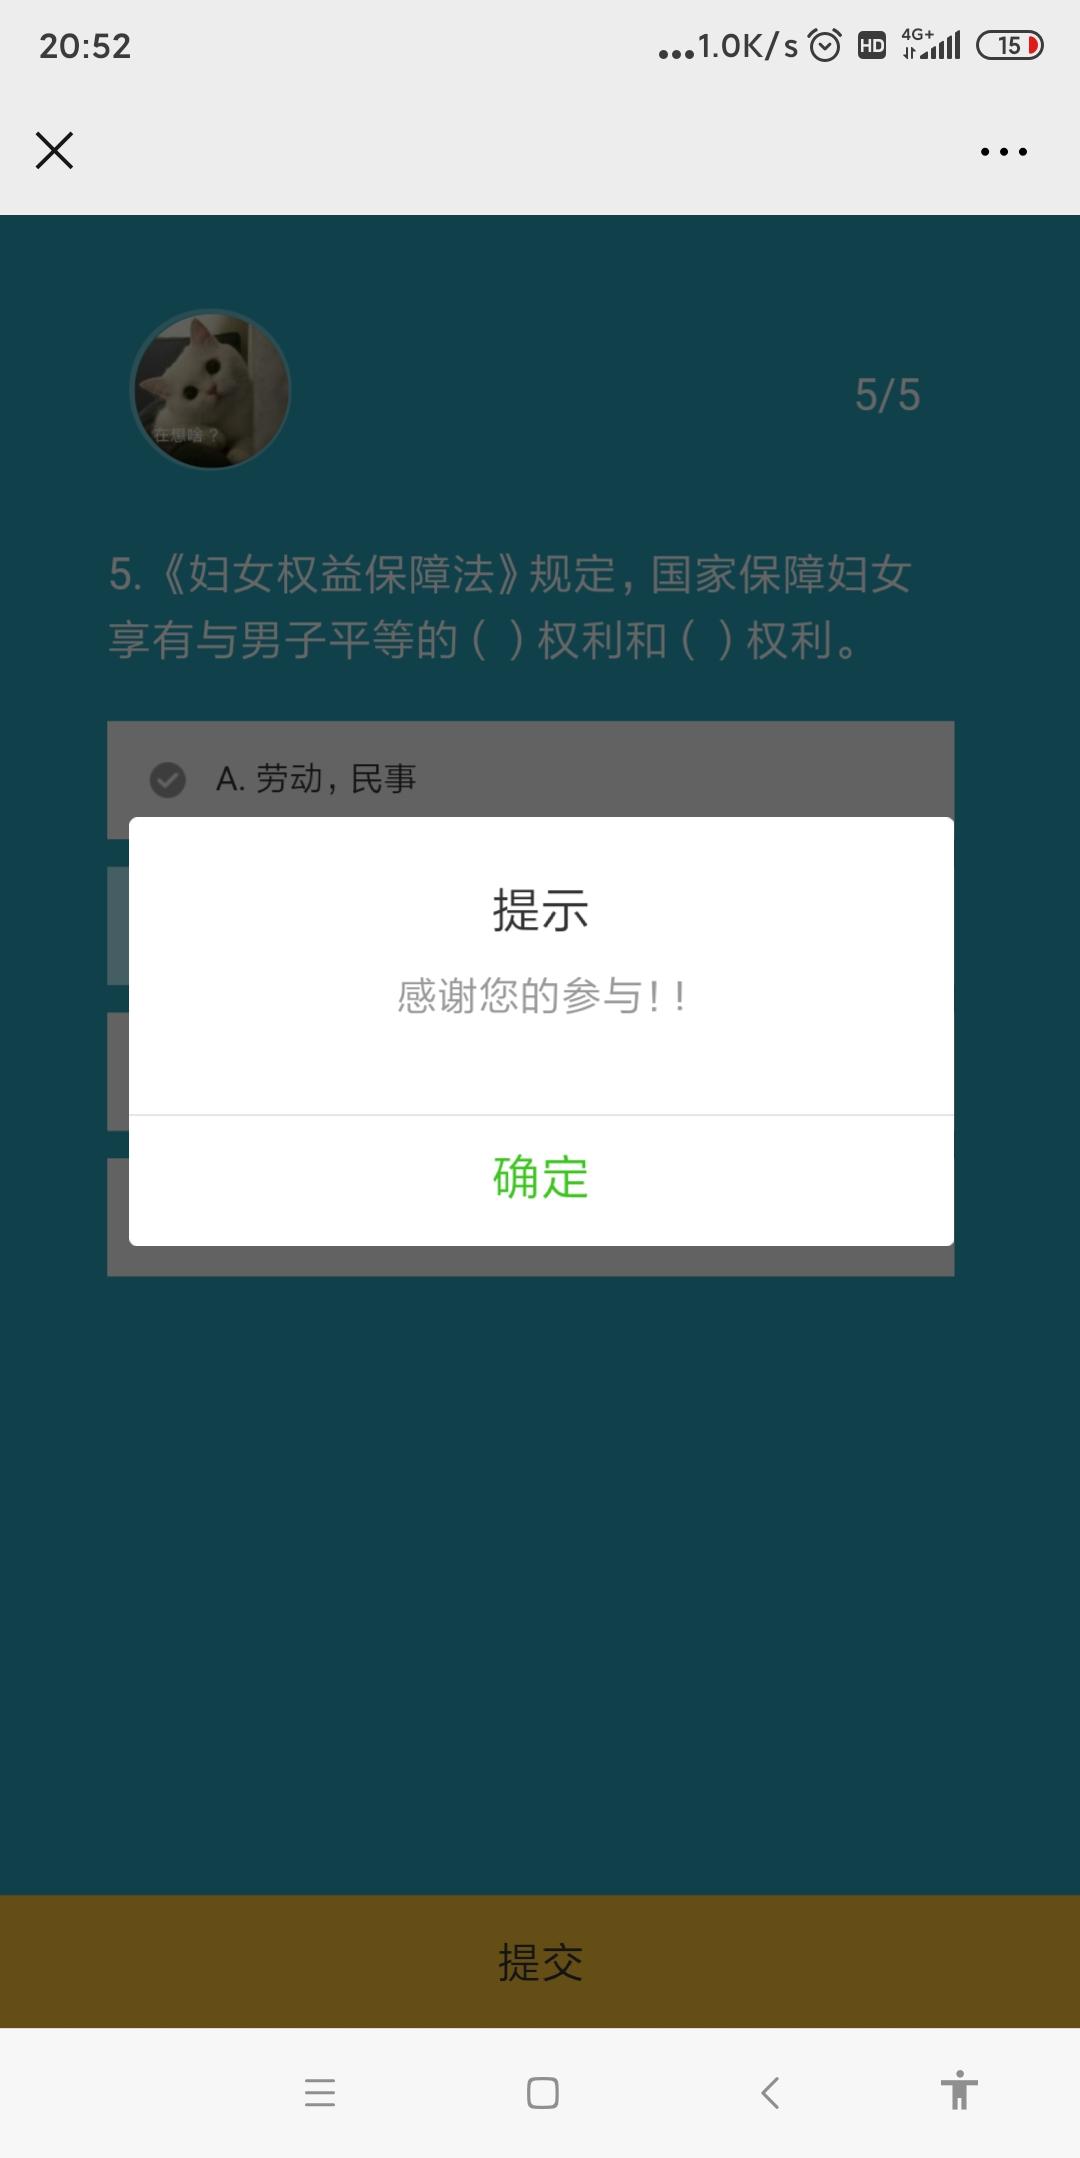 线报-「现金红包」安徽省总工会答题抽奖